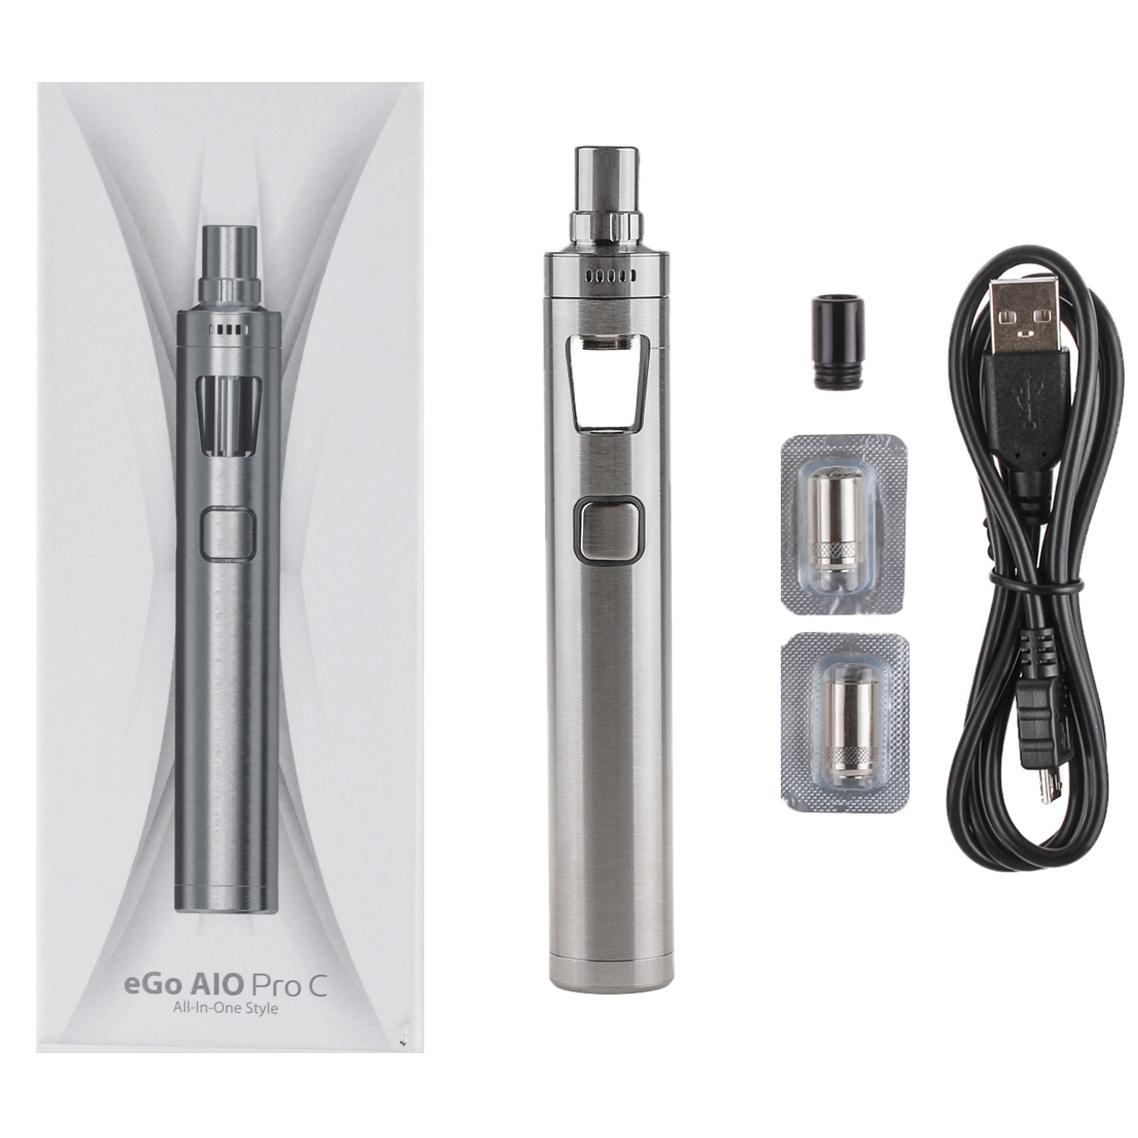 Купить электронную сигарету ego aio pro c купить сигареты оптом с доставкой в москве дешево